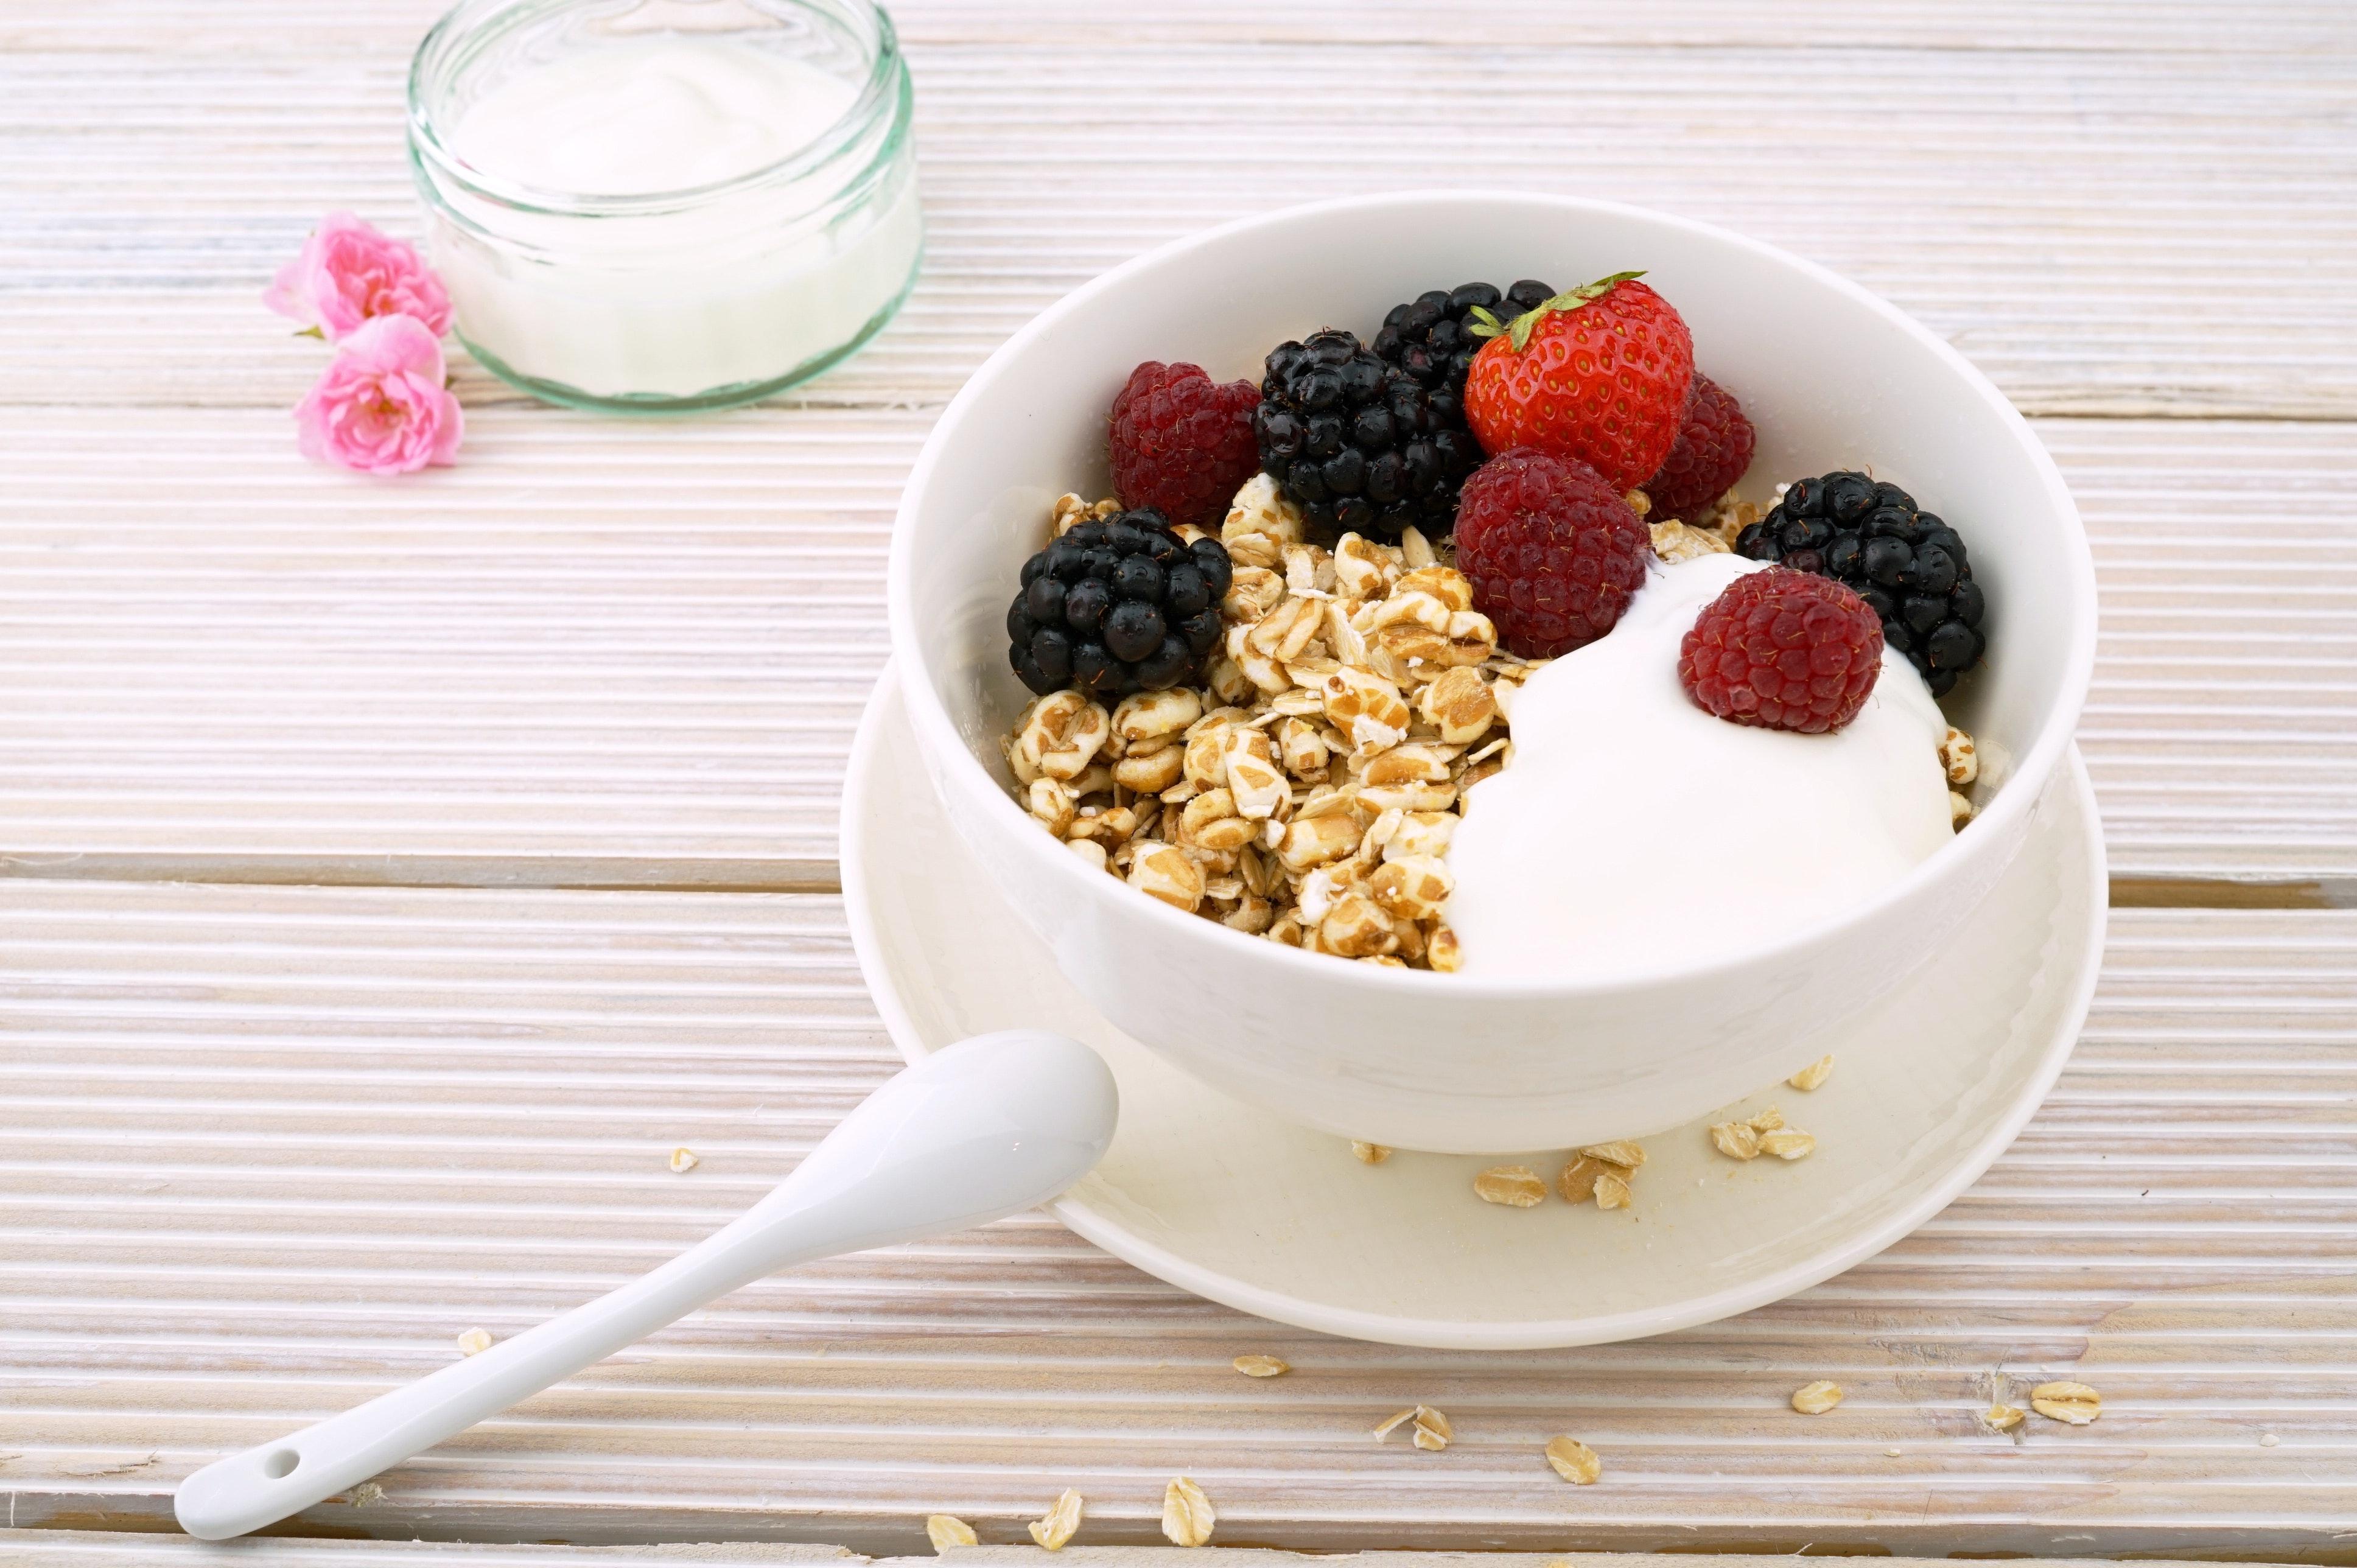 दूधकेटेस्टकोहेल्दी और टेस्टी बनाएं, बच्चों को ये स्वाद पसंद आएगा हेल्थ एंड फिटनेस,Health & Fitness - Dainik Bhaskar